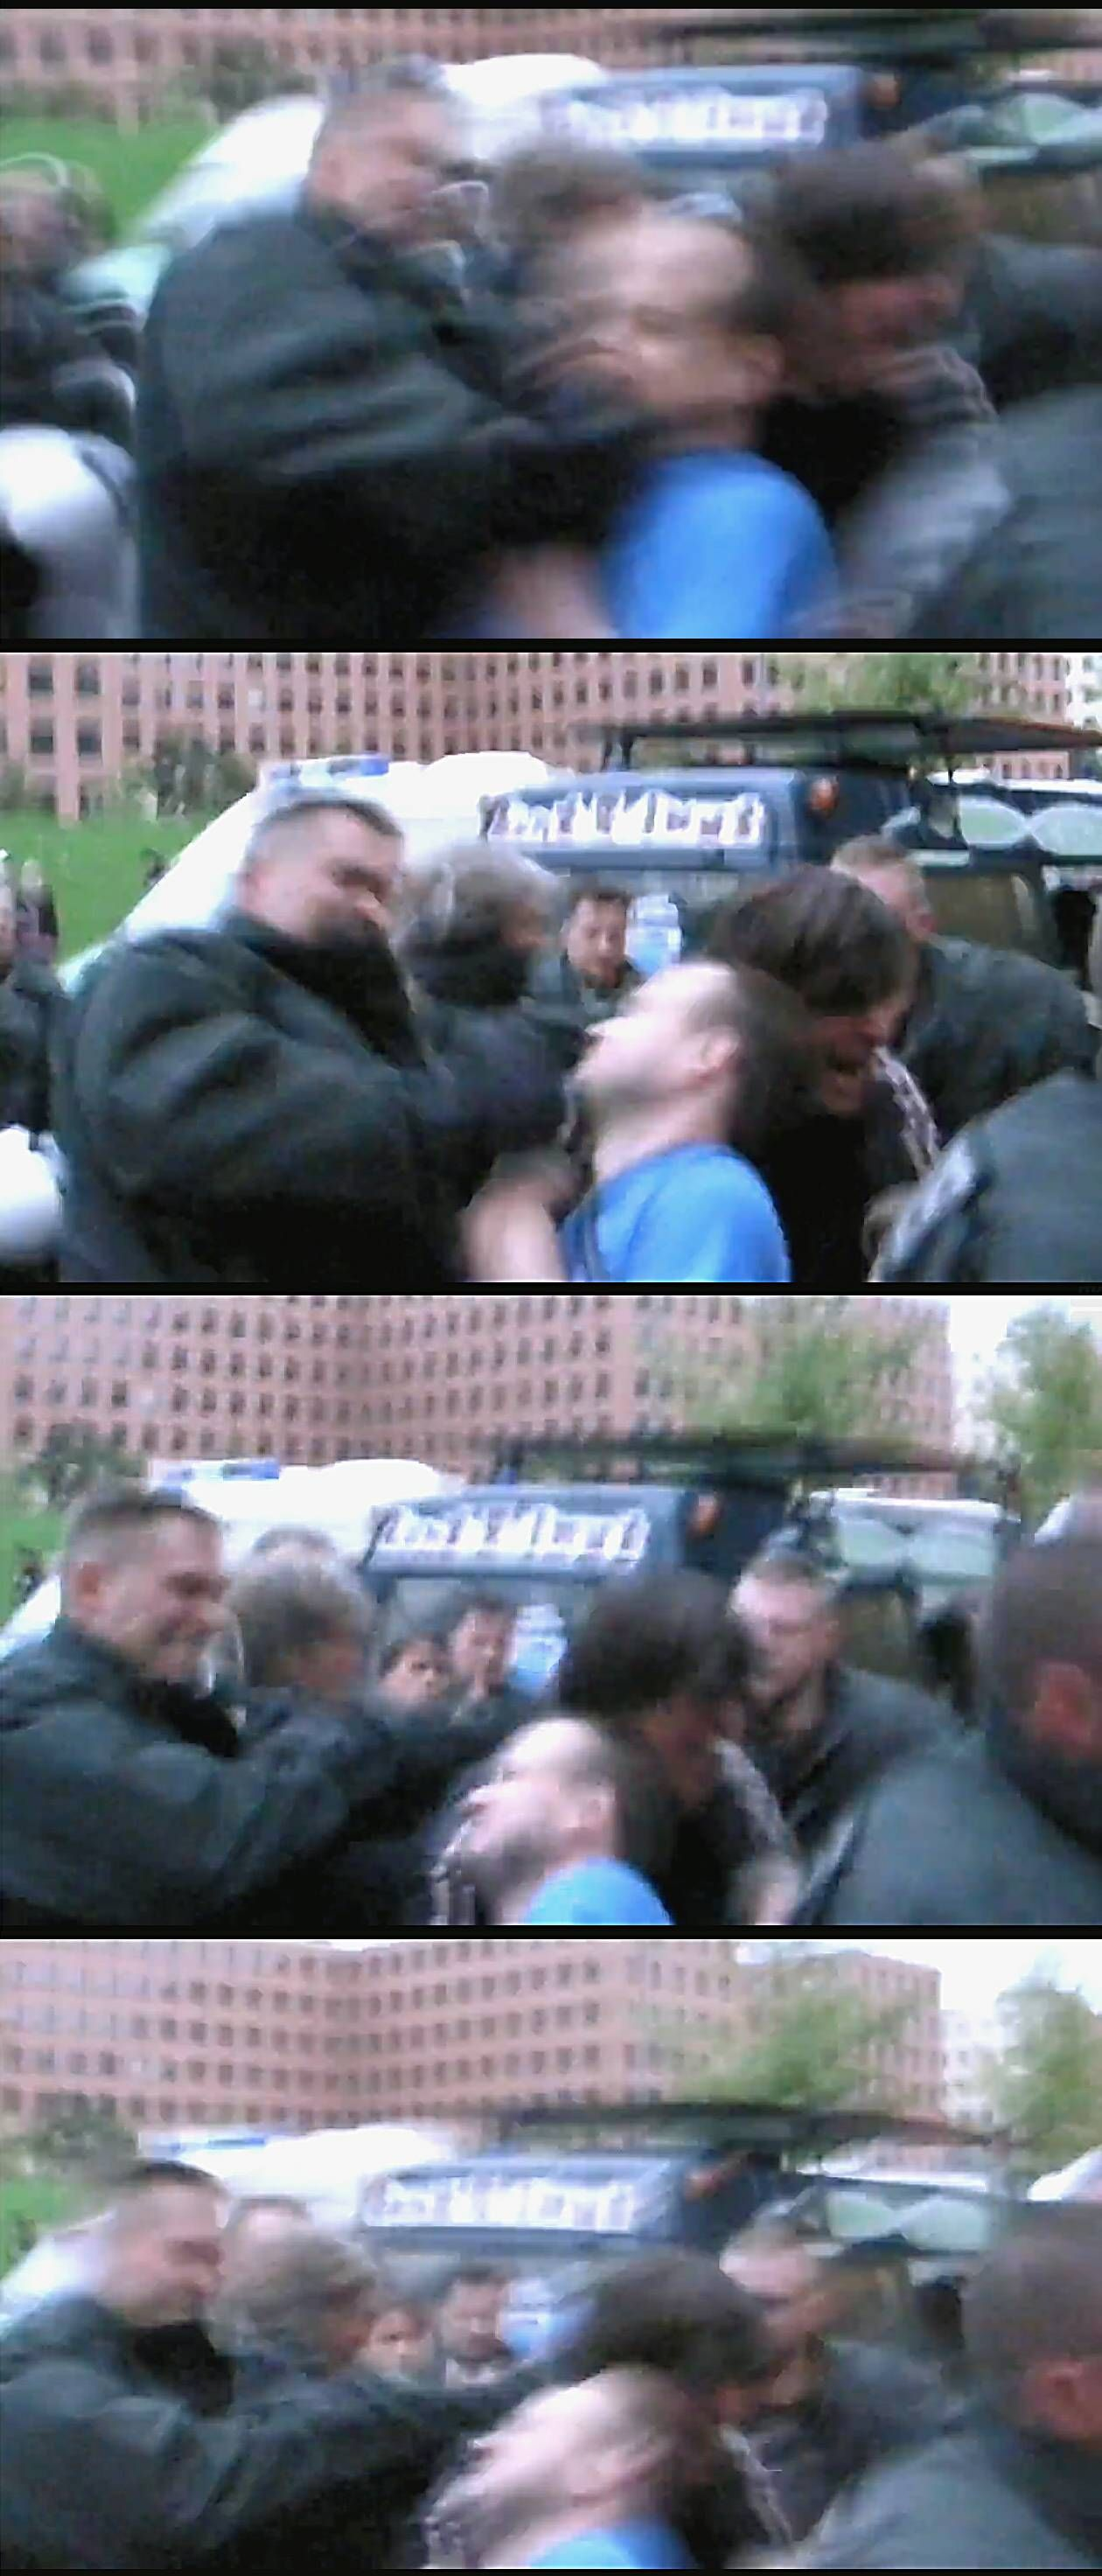 NICHT VERWENDEN Überwachungs-Demo / Polizei Prügel